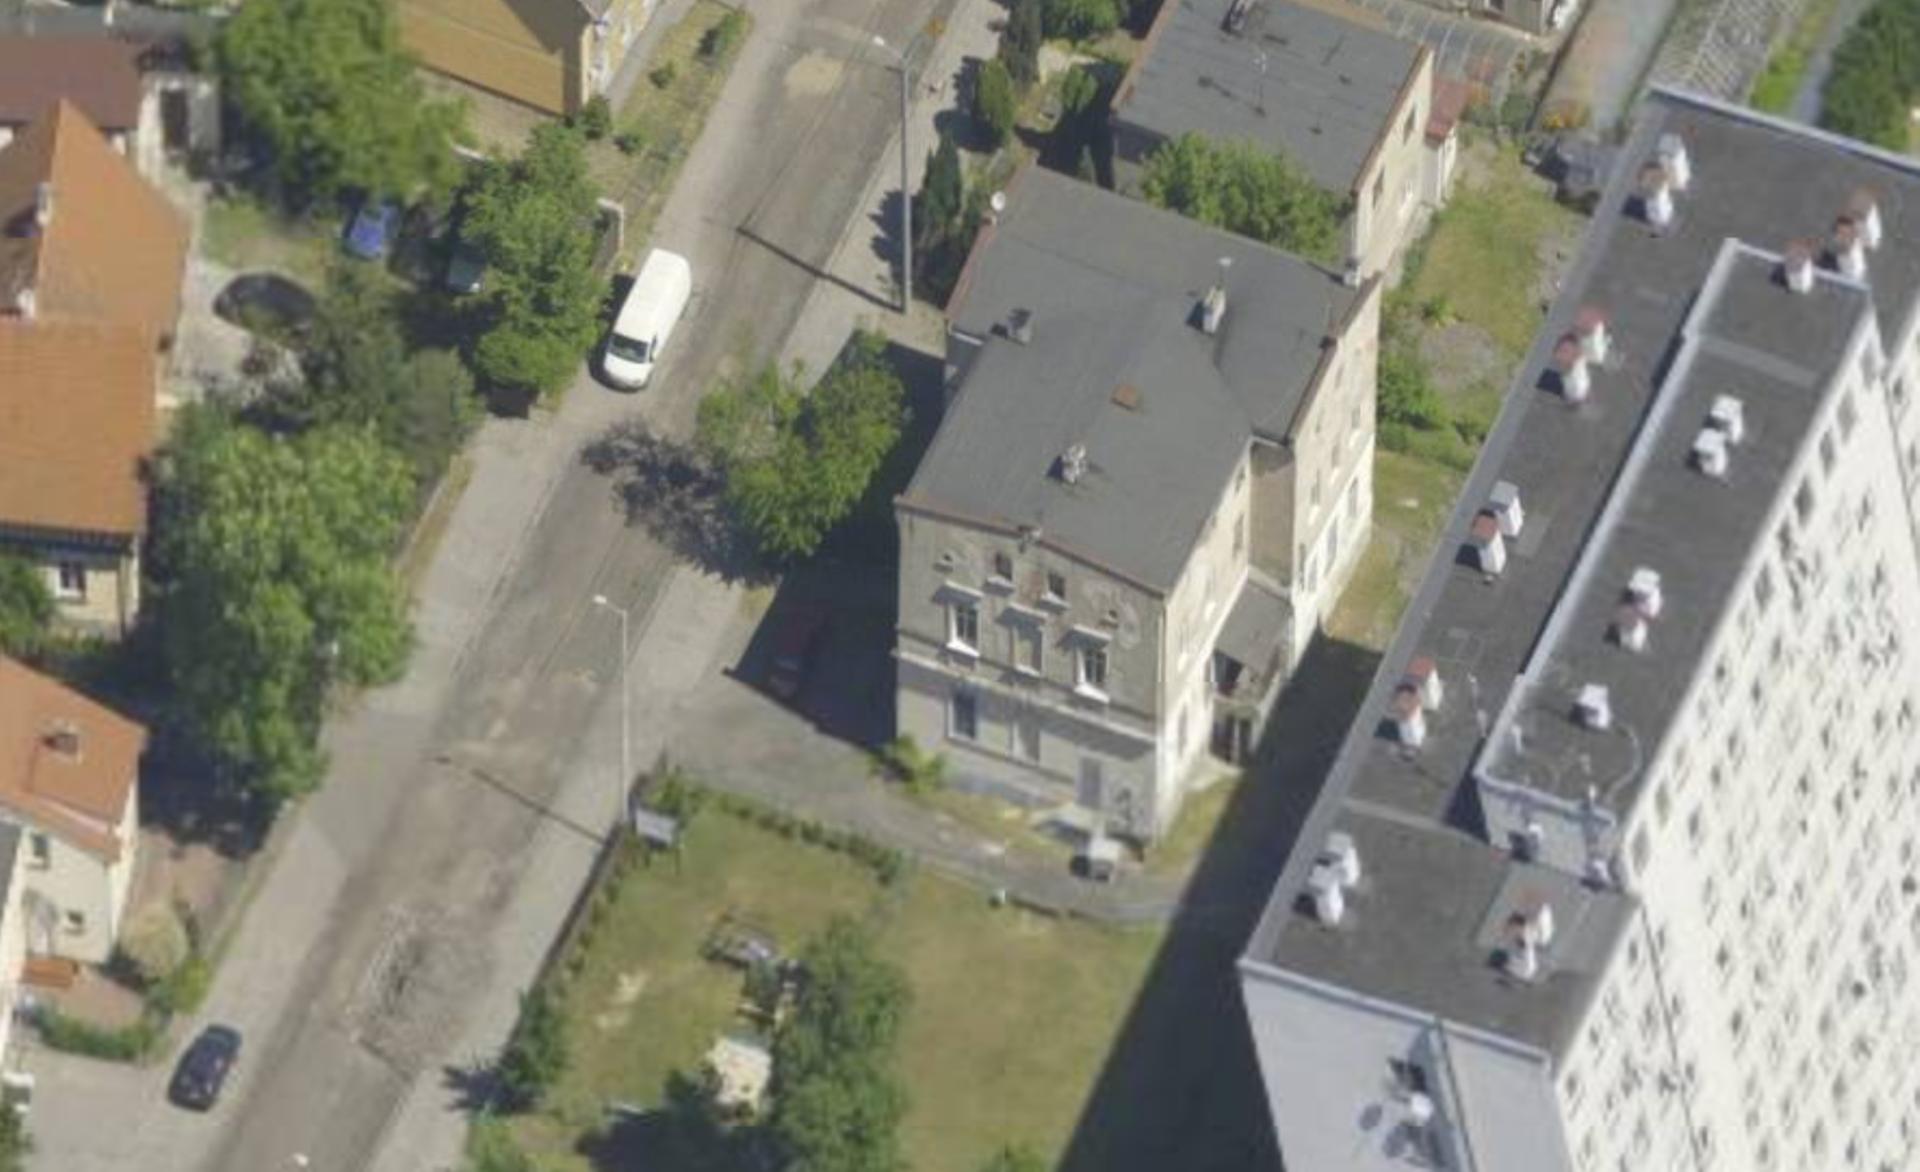 Wrocław: Zabytkowy budynek sprzed osiemdziesięciu lat trafił w prywatne ręce. Było sześciu chętnych